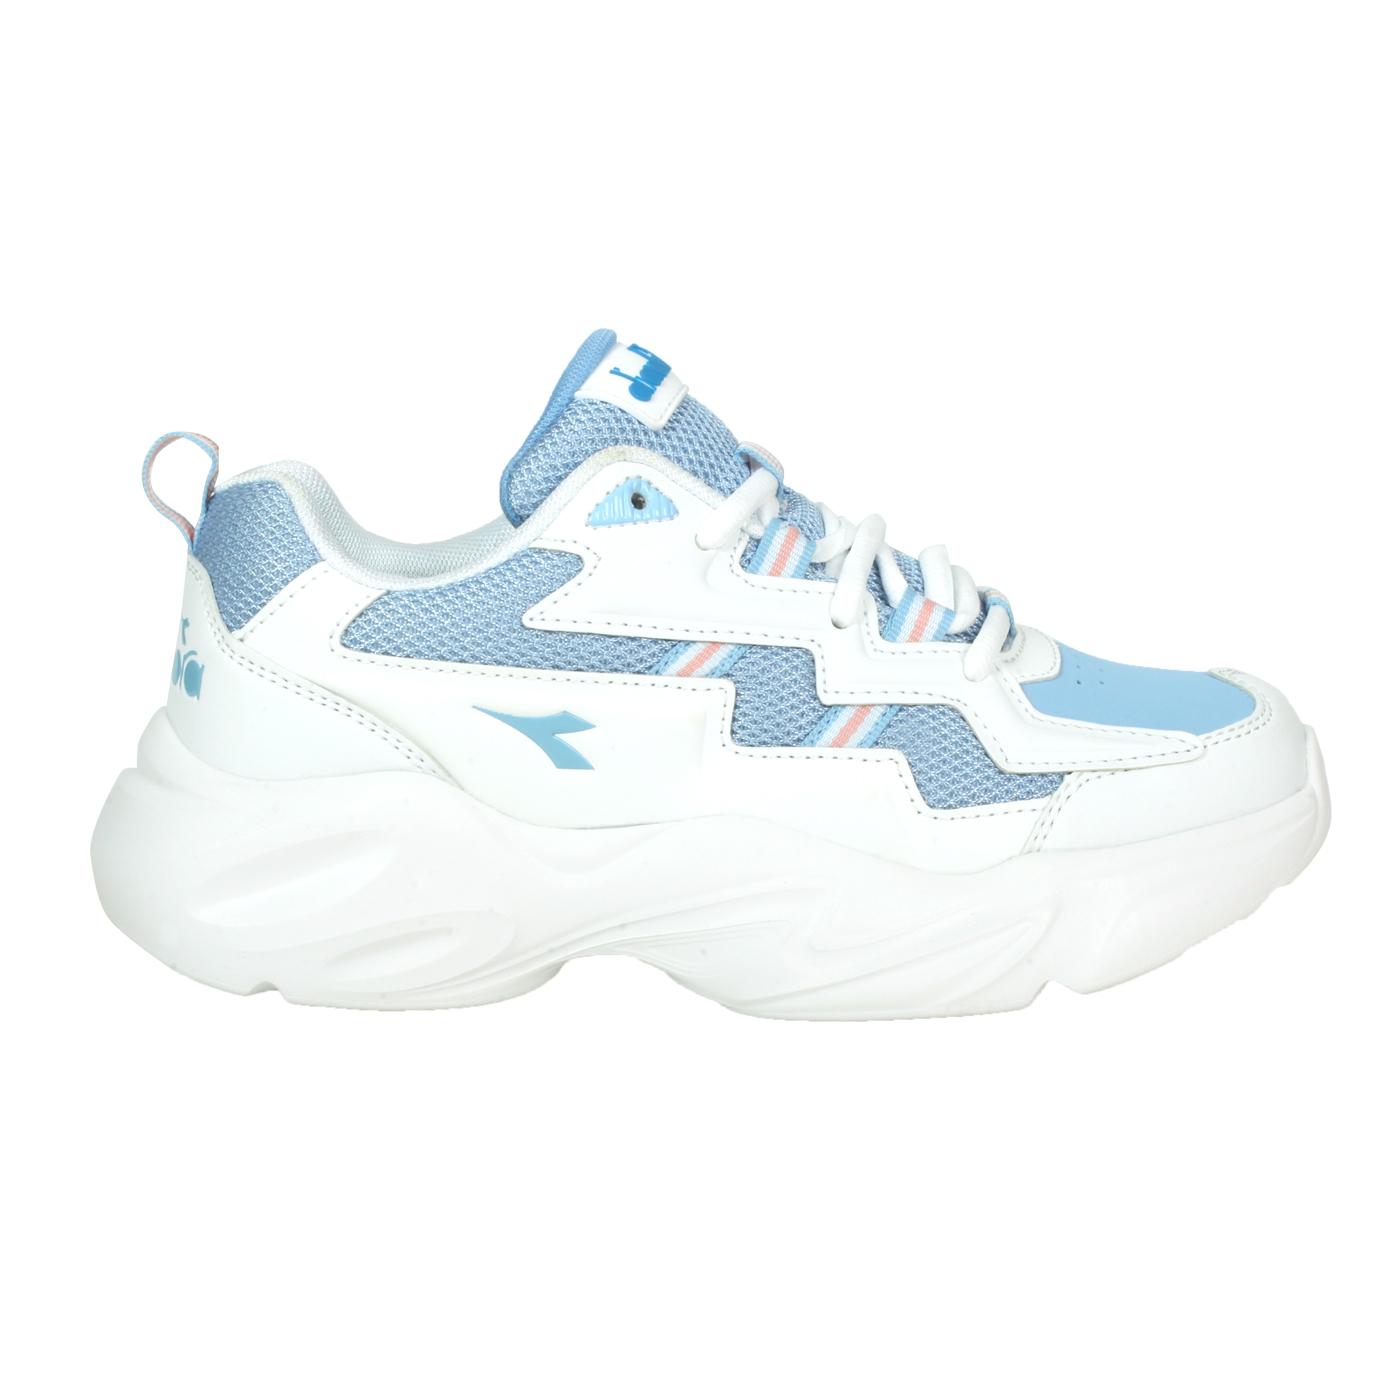 DIADORA 女款運動鞋 DA31657 - 白水藍粉